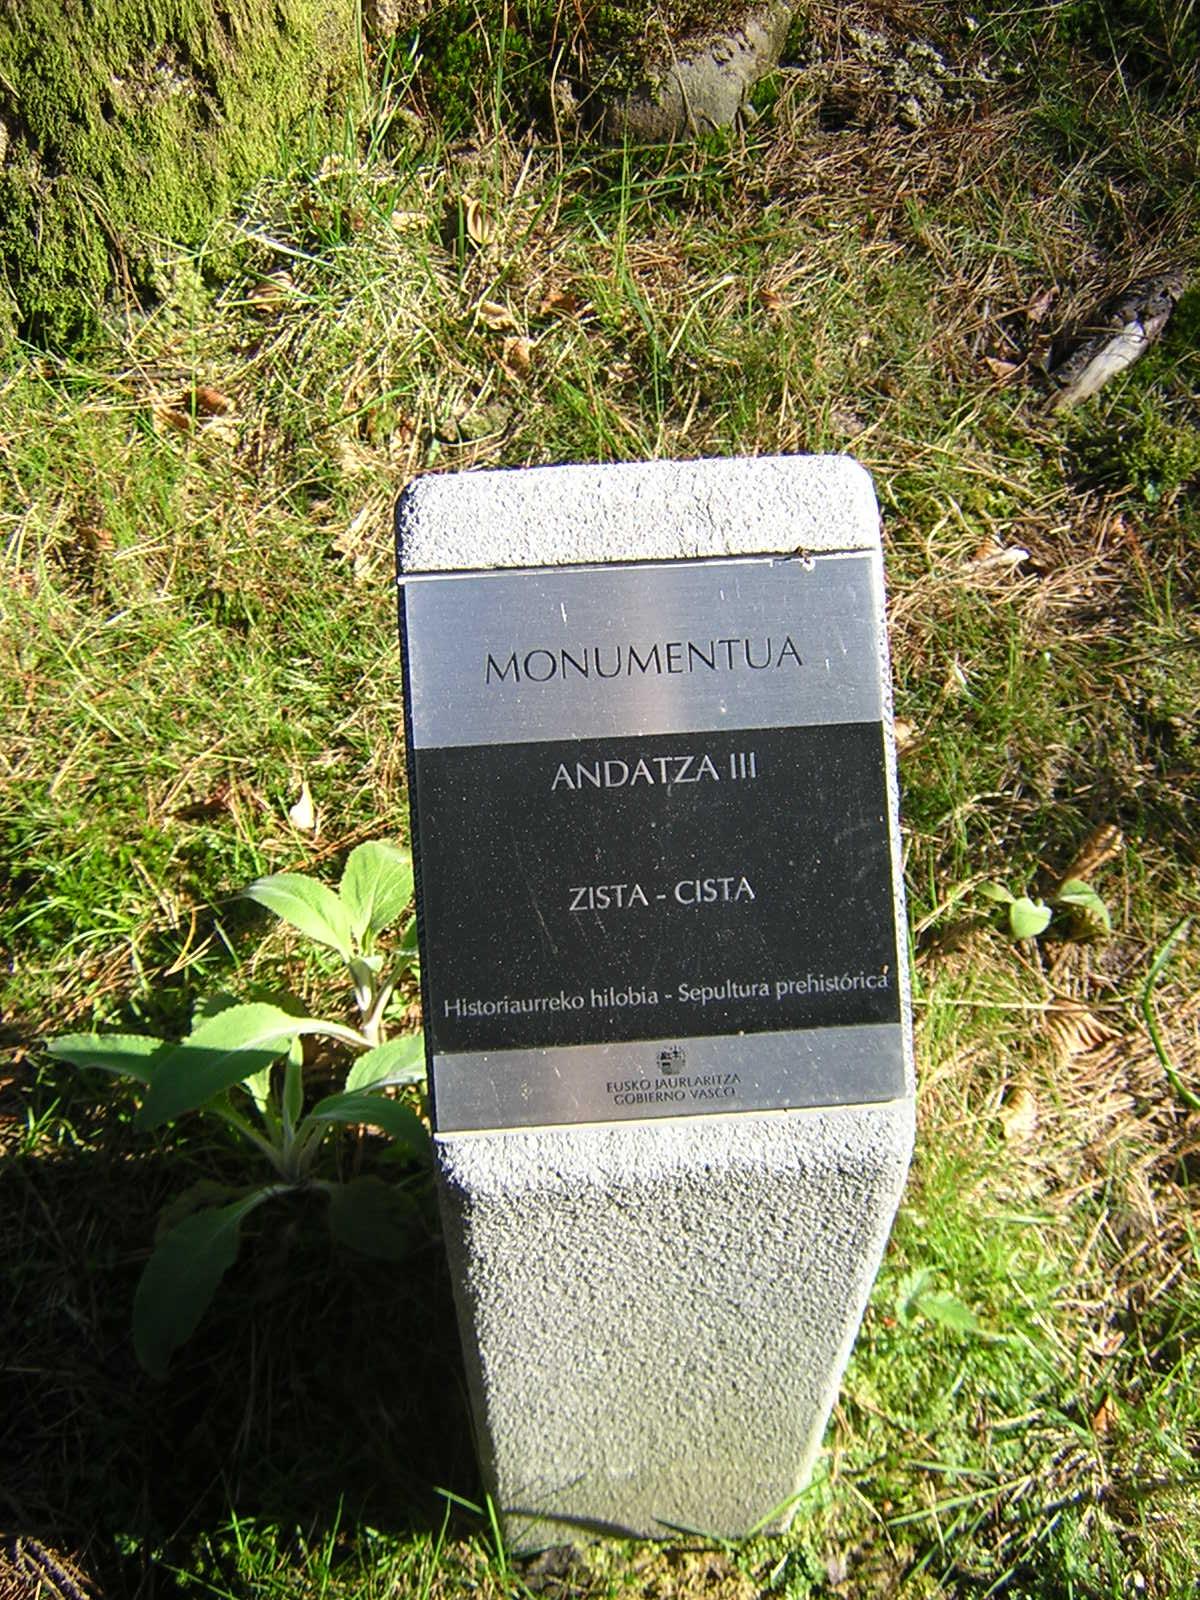 Cista Andatza 3 Zista